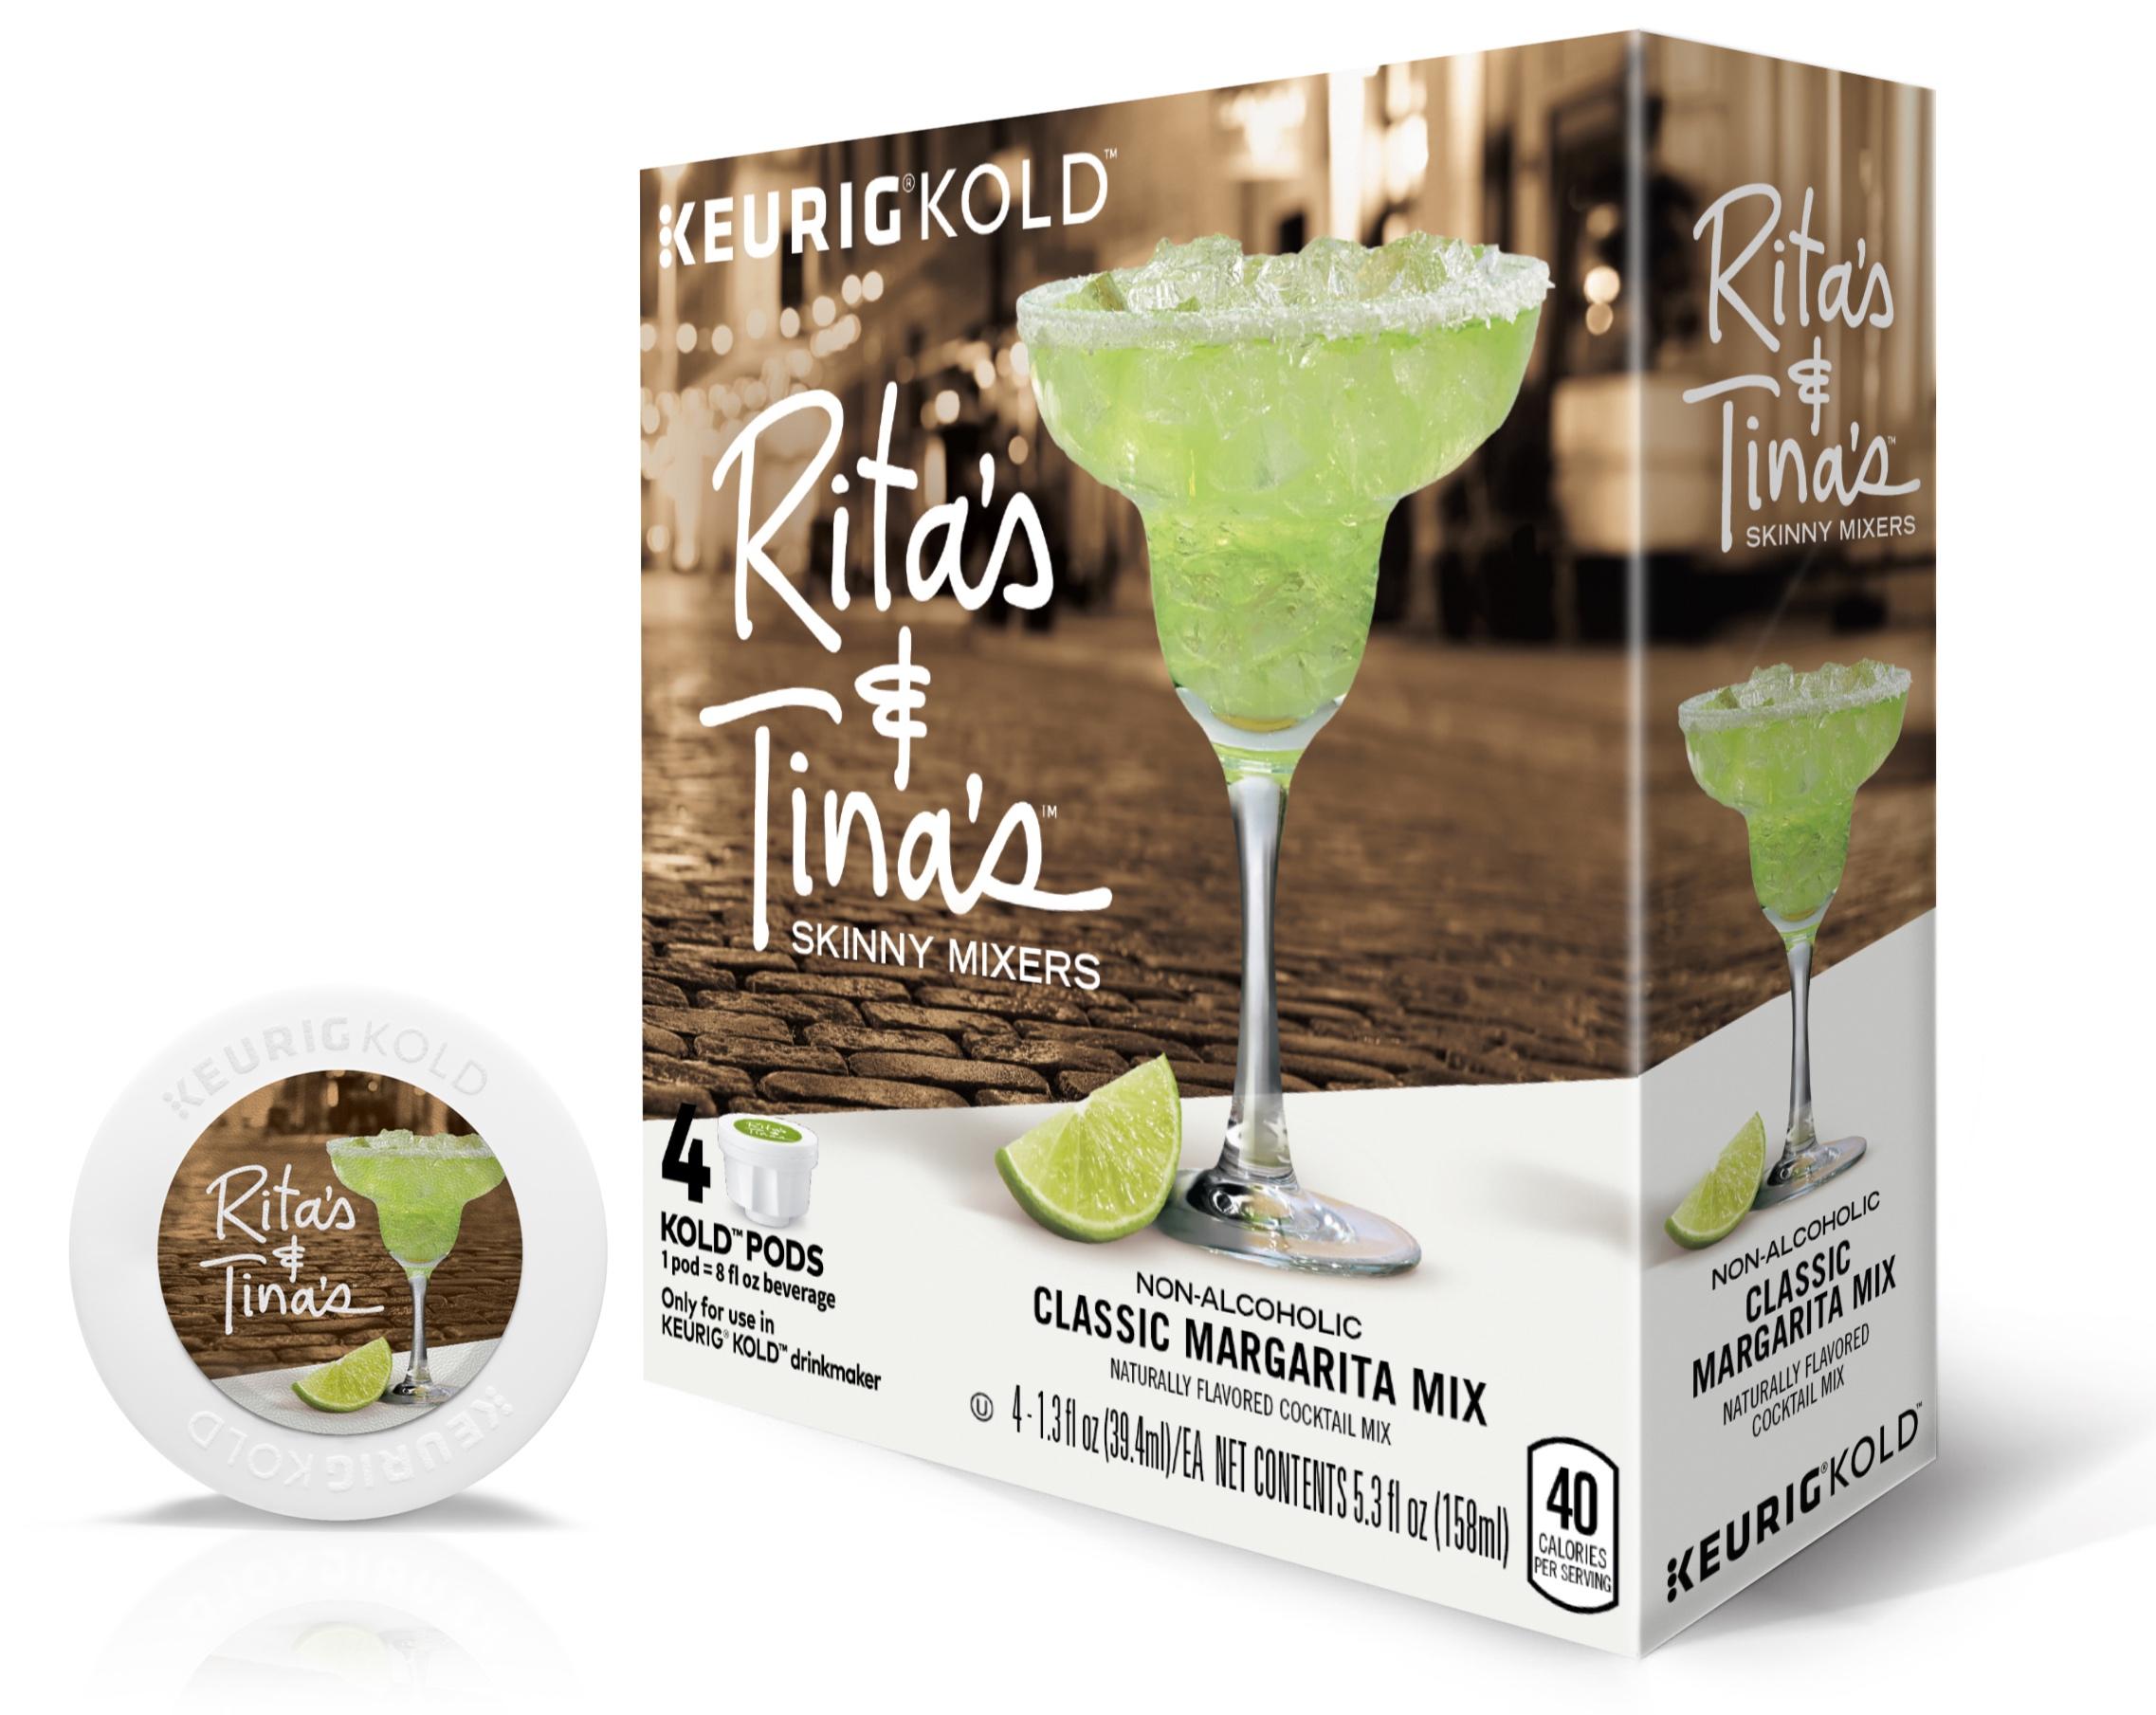 RITA'S & TINA'S COCKTAIL MIXERS